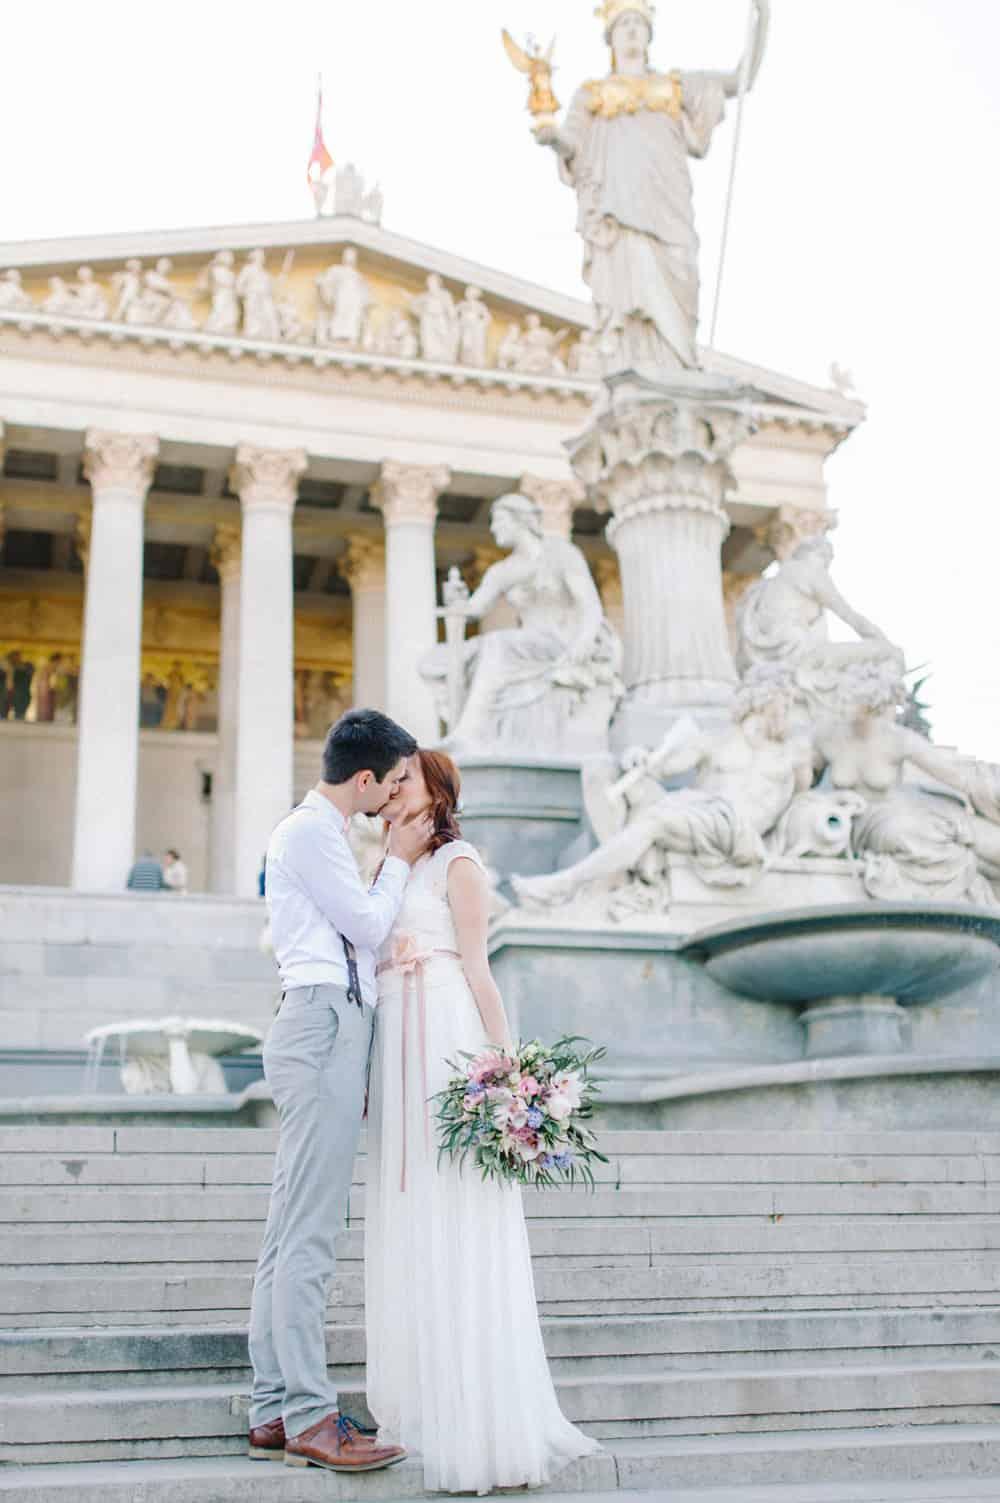 hochzeitsfotograf_thomasschwede_after_wedding_fotos_in_wien_0709